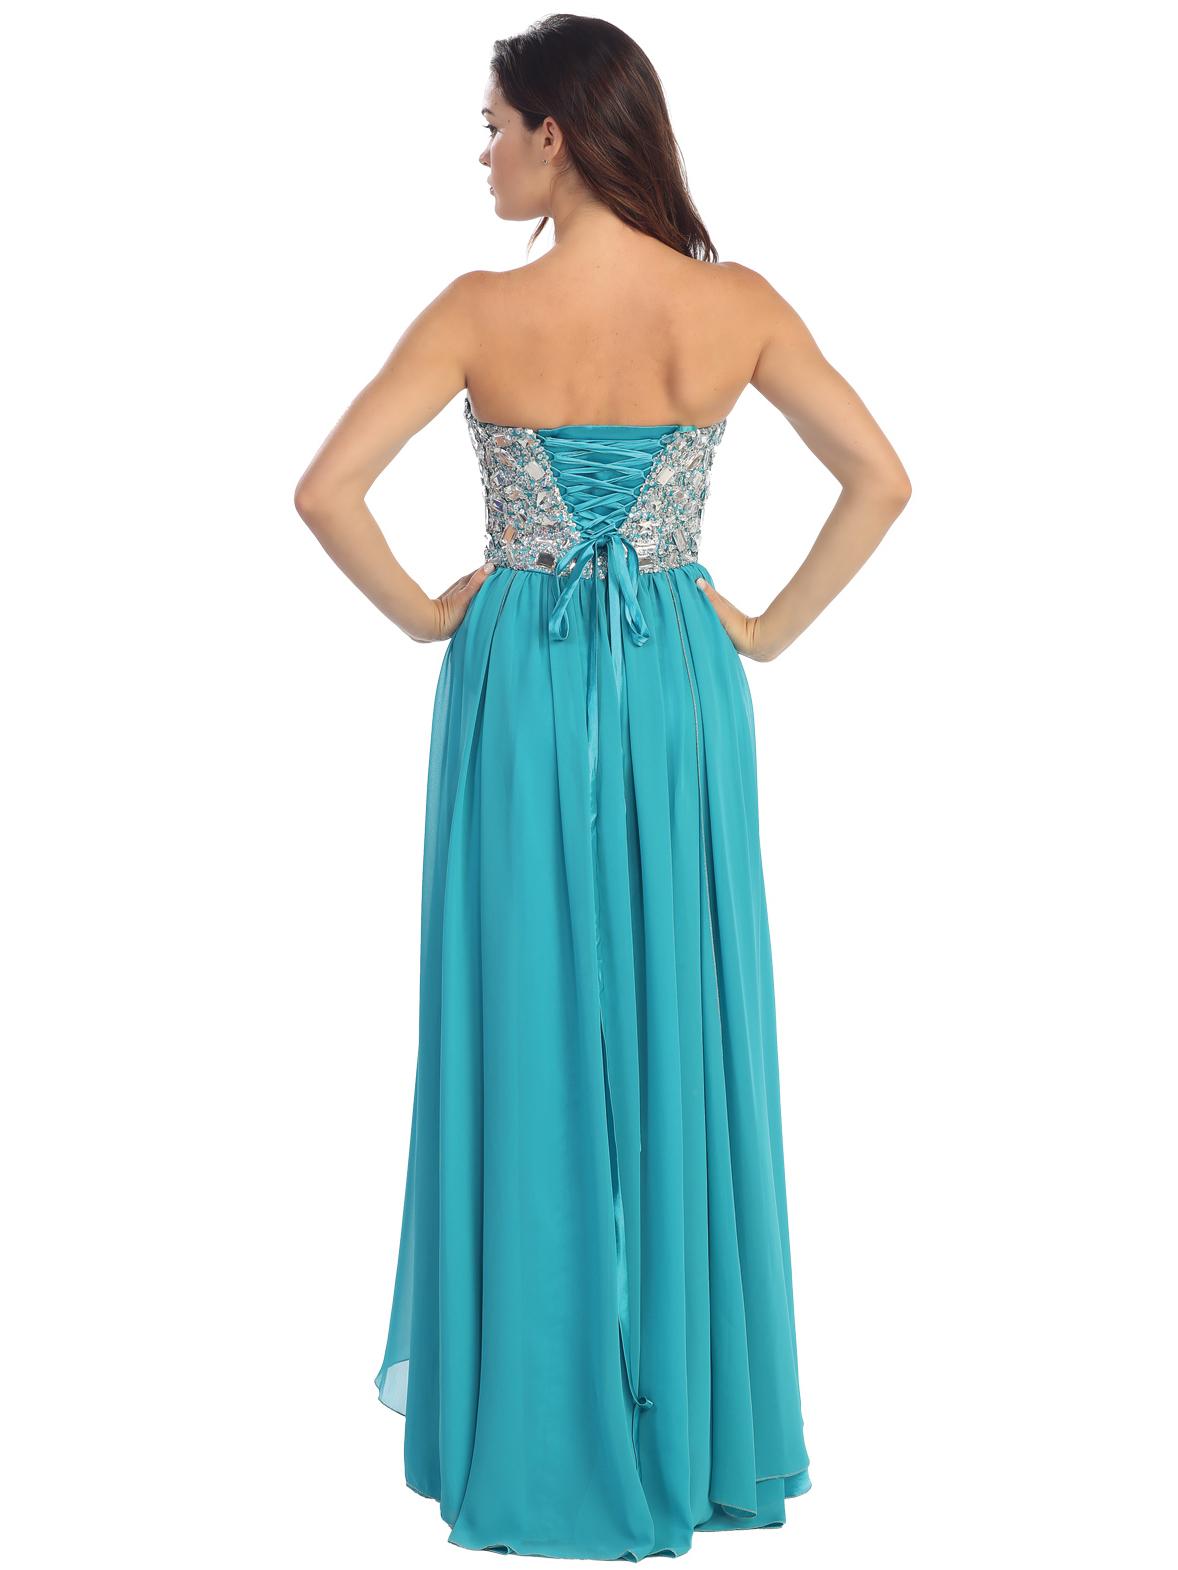 Empire Waist Large Stone Embellished Bodice Prom Dress   Sung ...